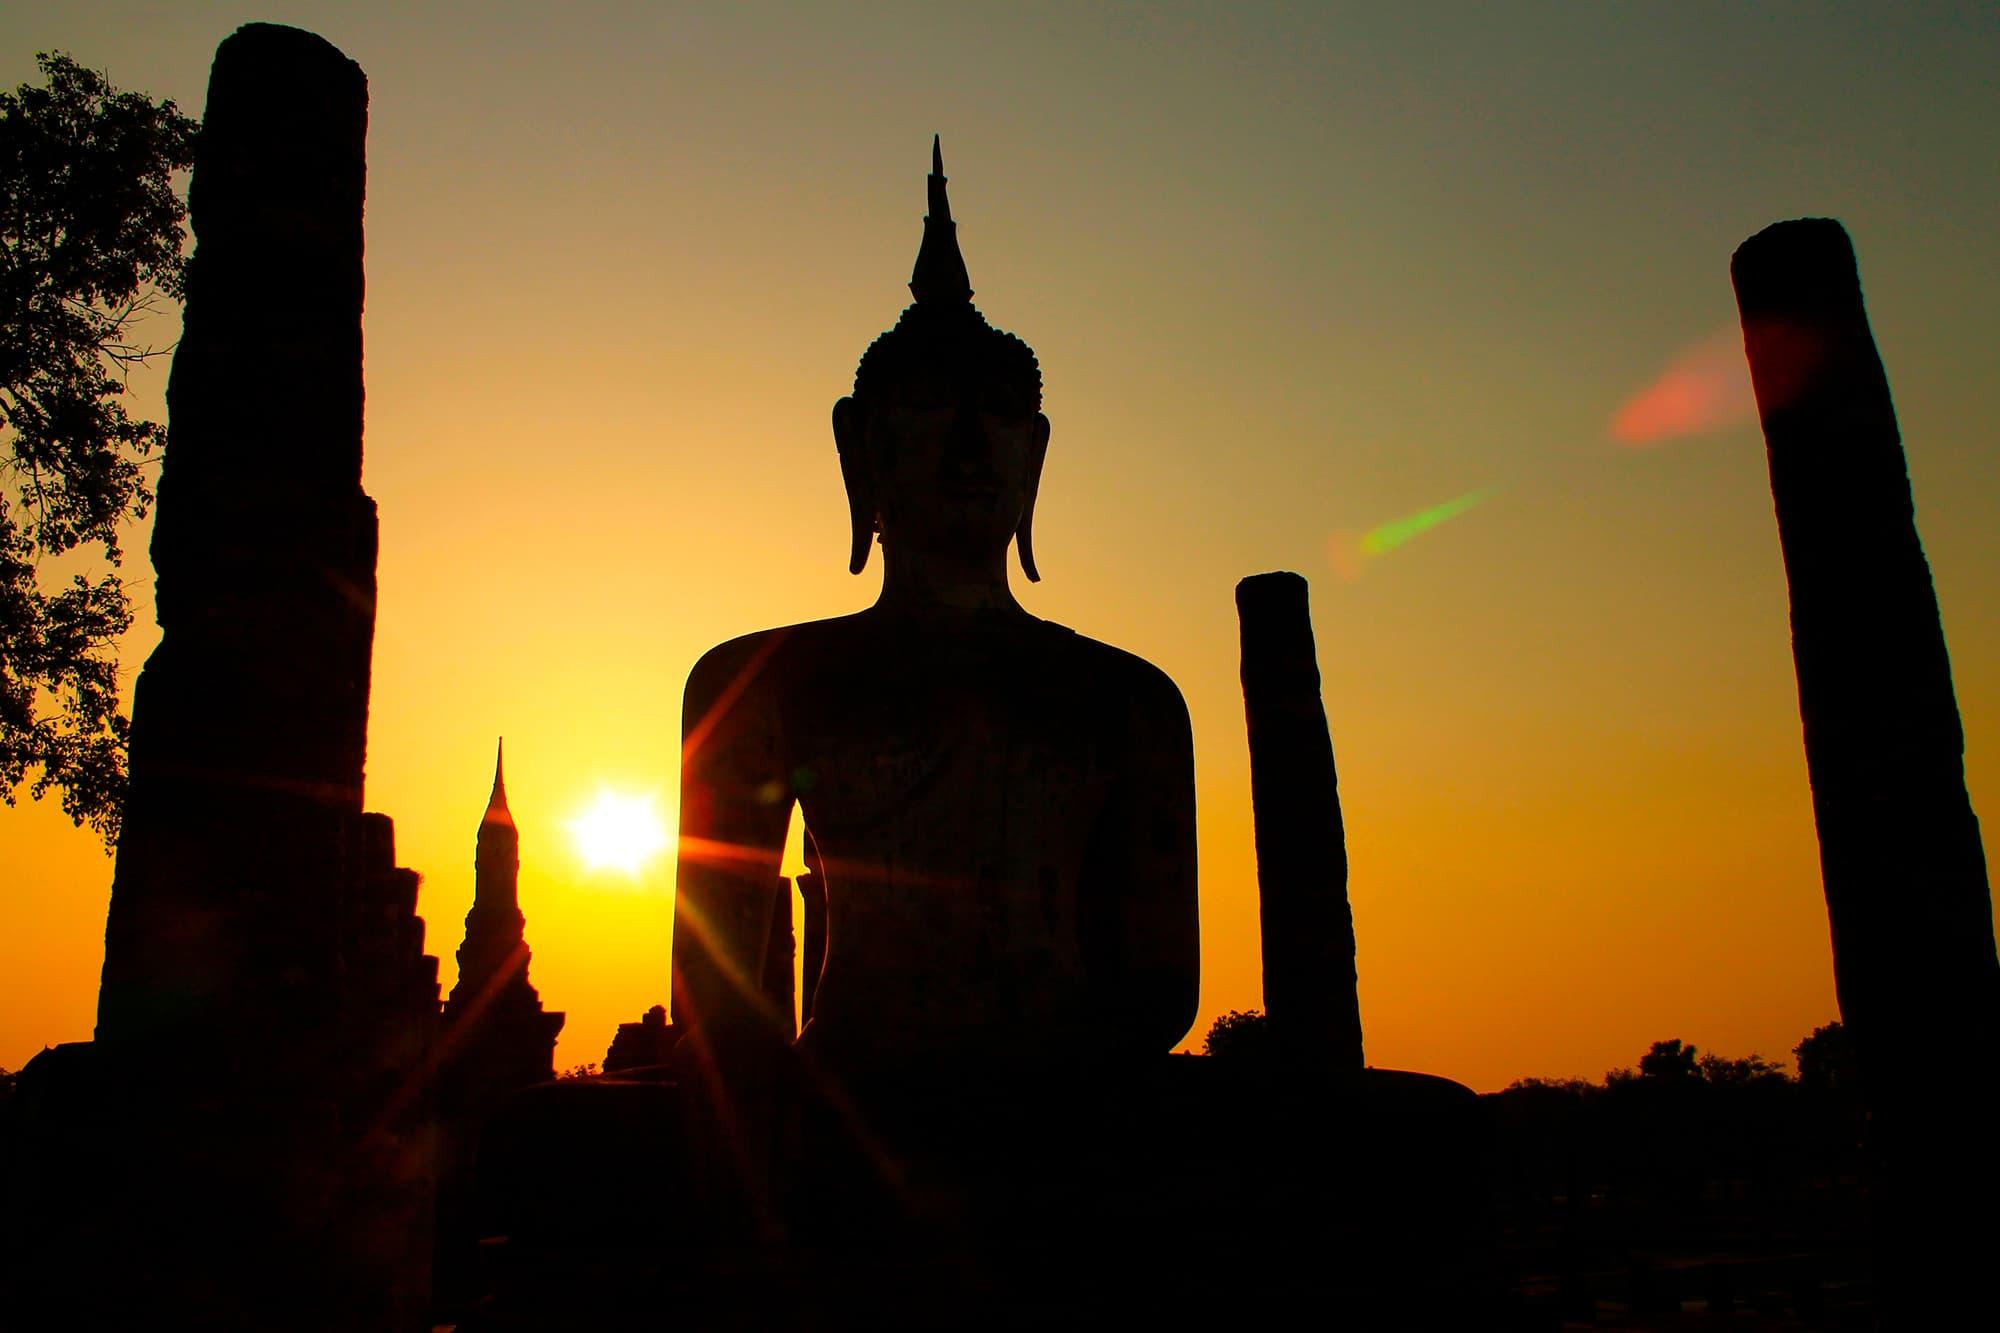 Tailandia del norte en hoteles boutique - Tailandia- imagen #3